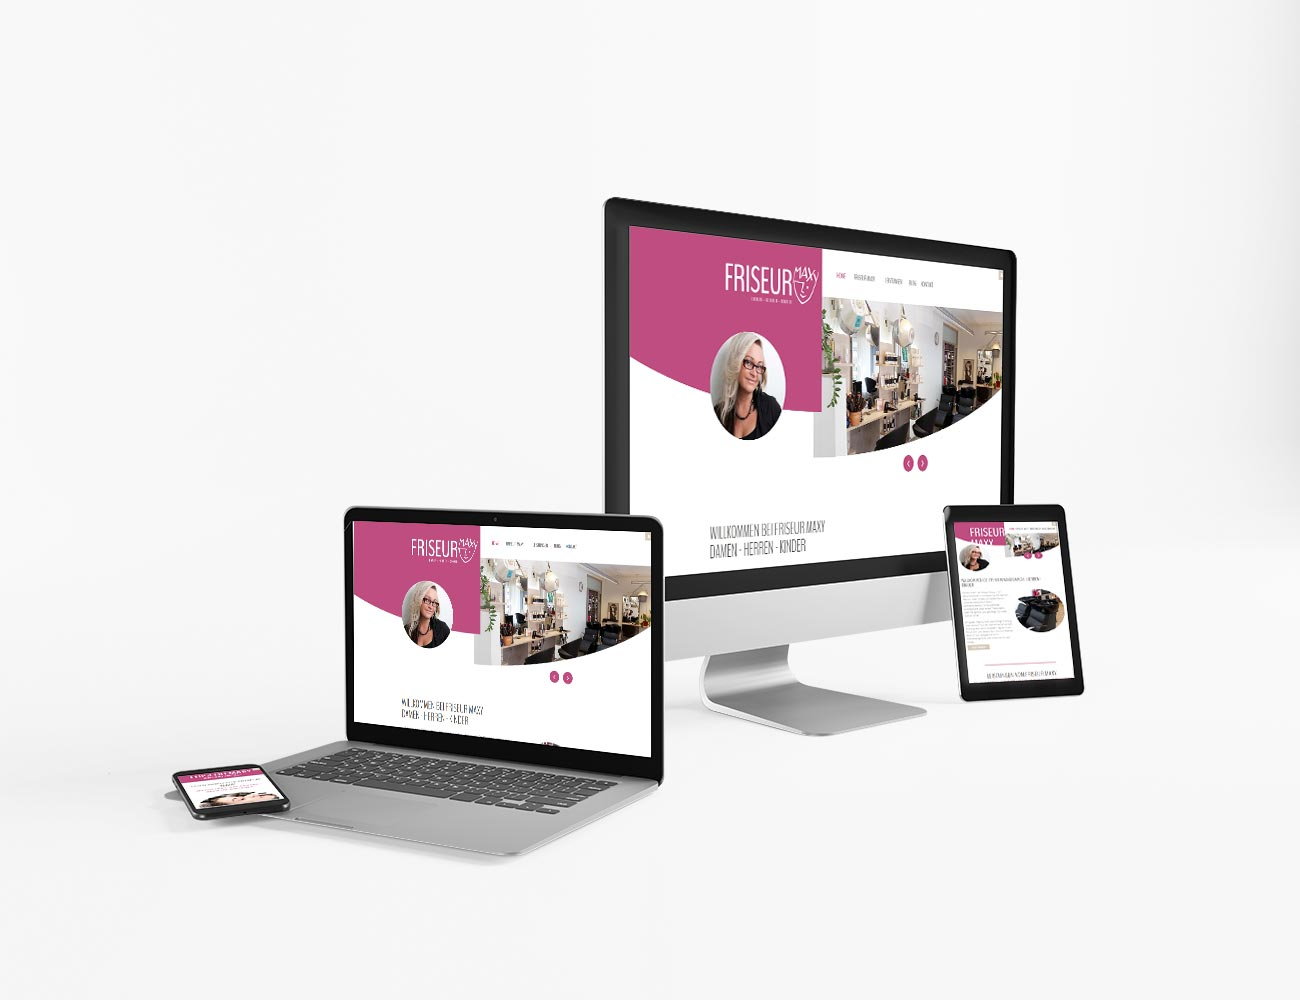 Die Webseite von Friseur Maxy ist online  | webundwerbung.at